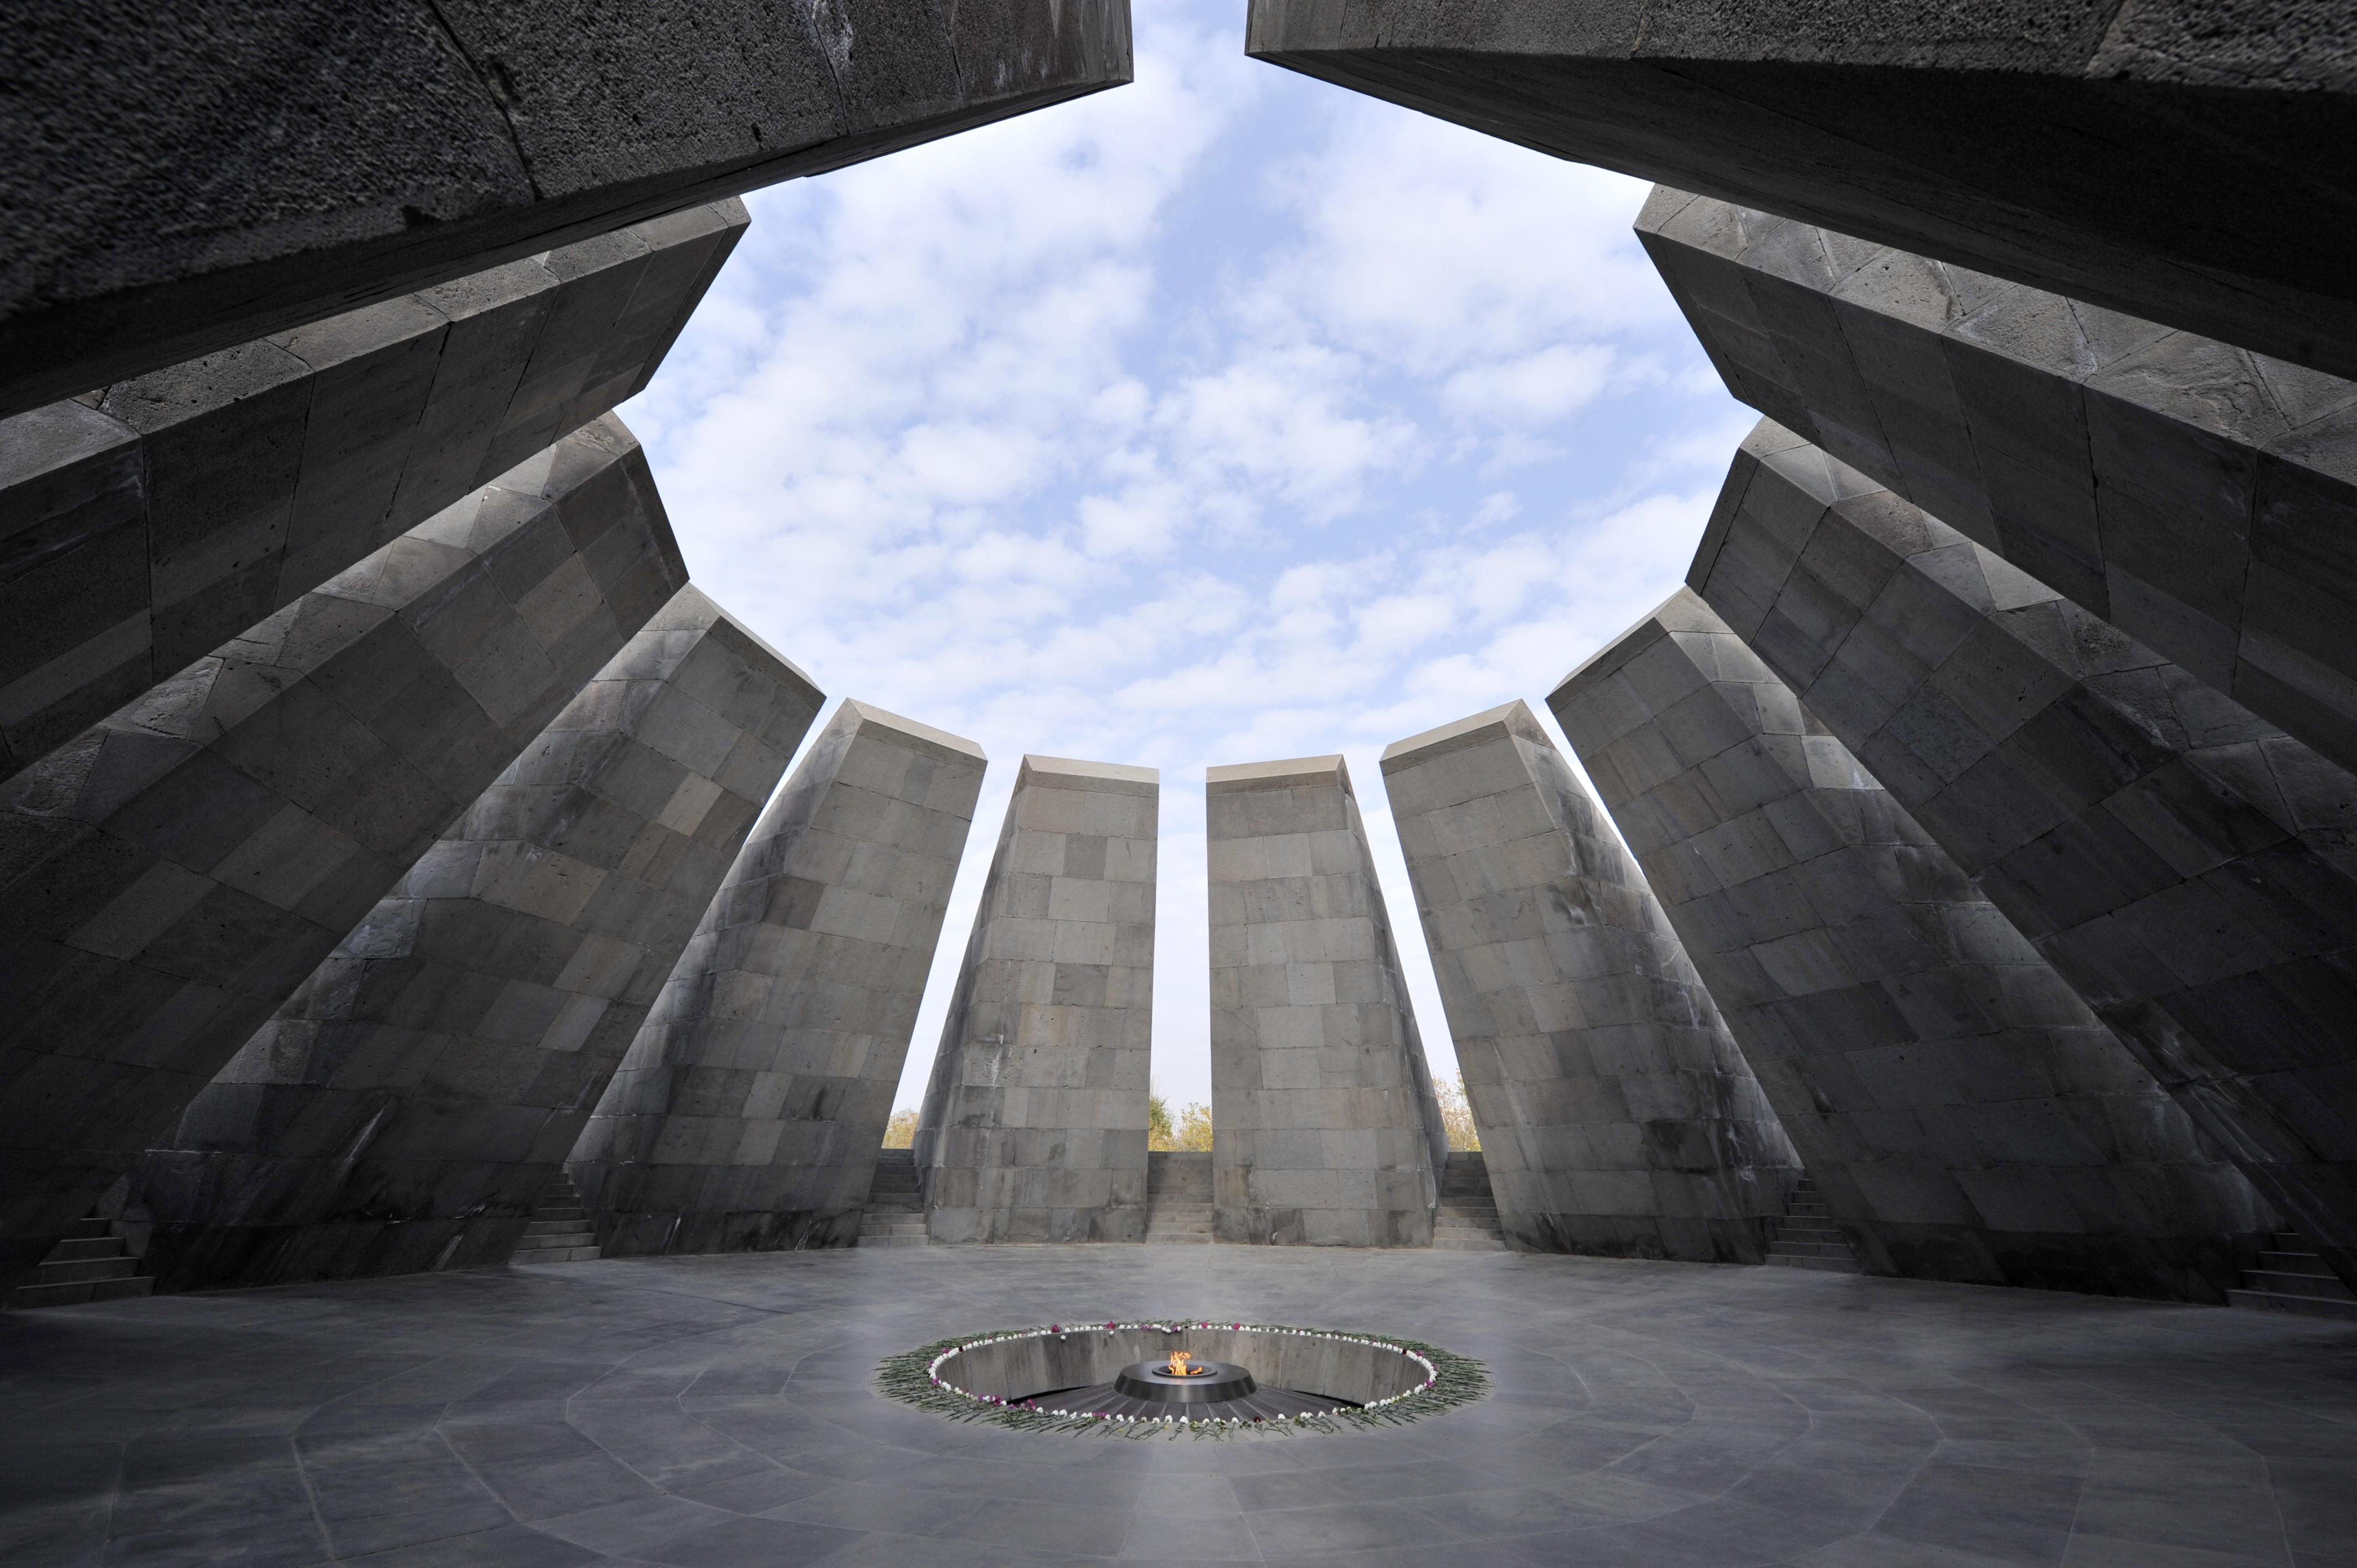 Members of U.S. Congress to visit Armenian Genocide memorial